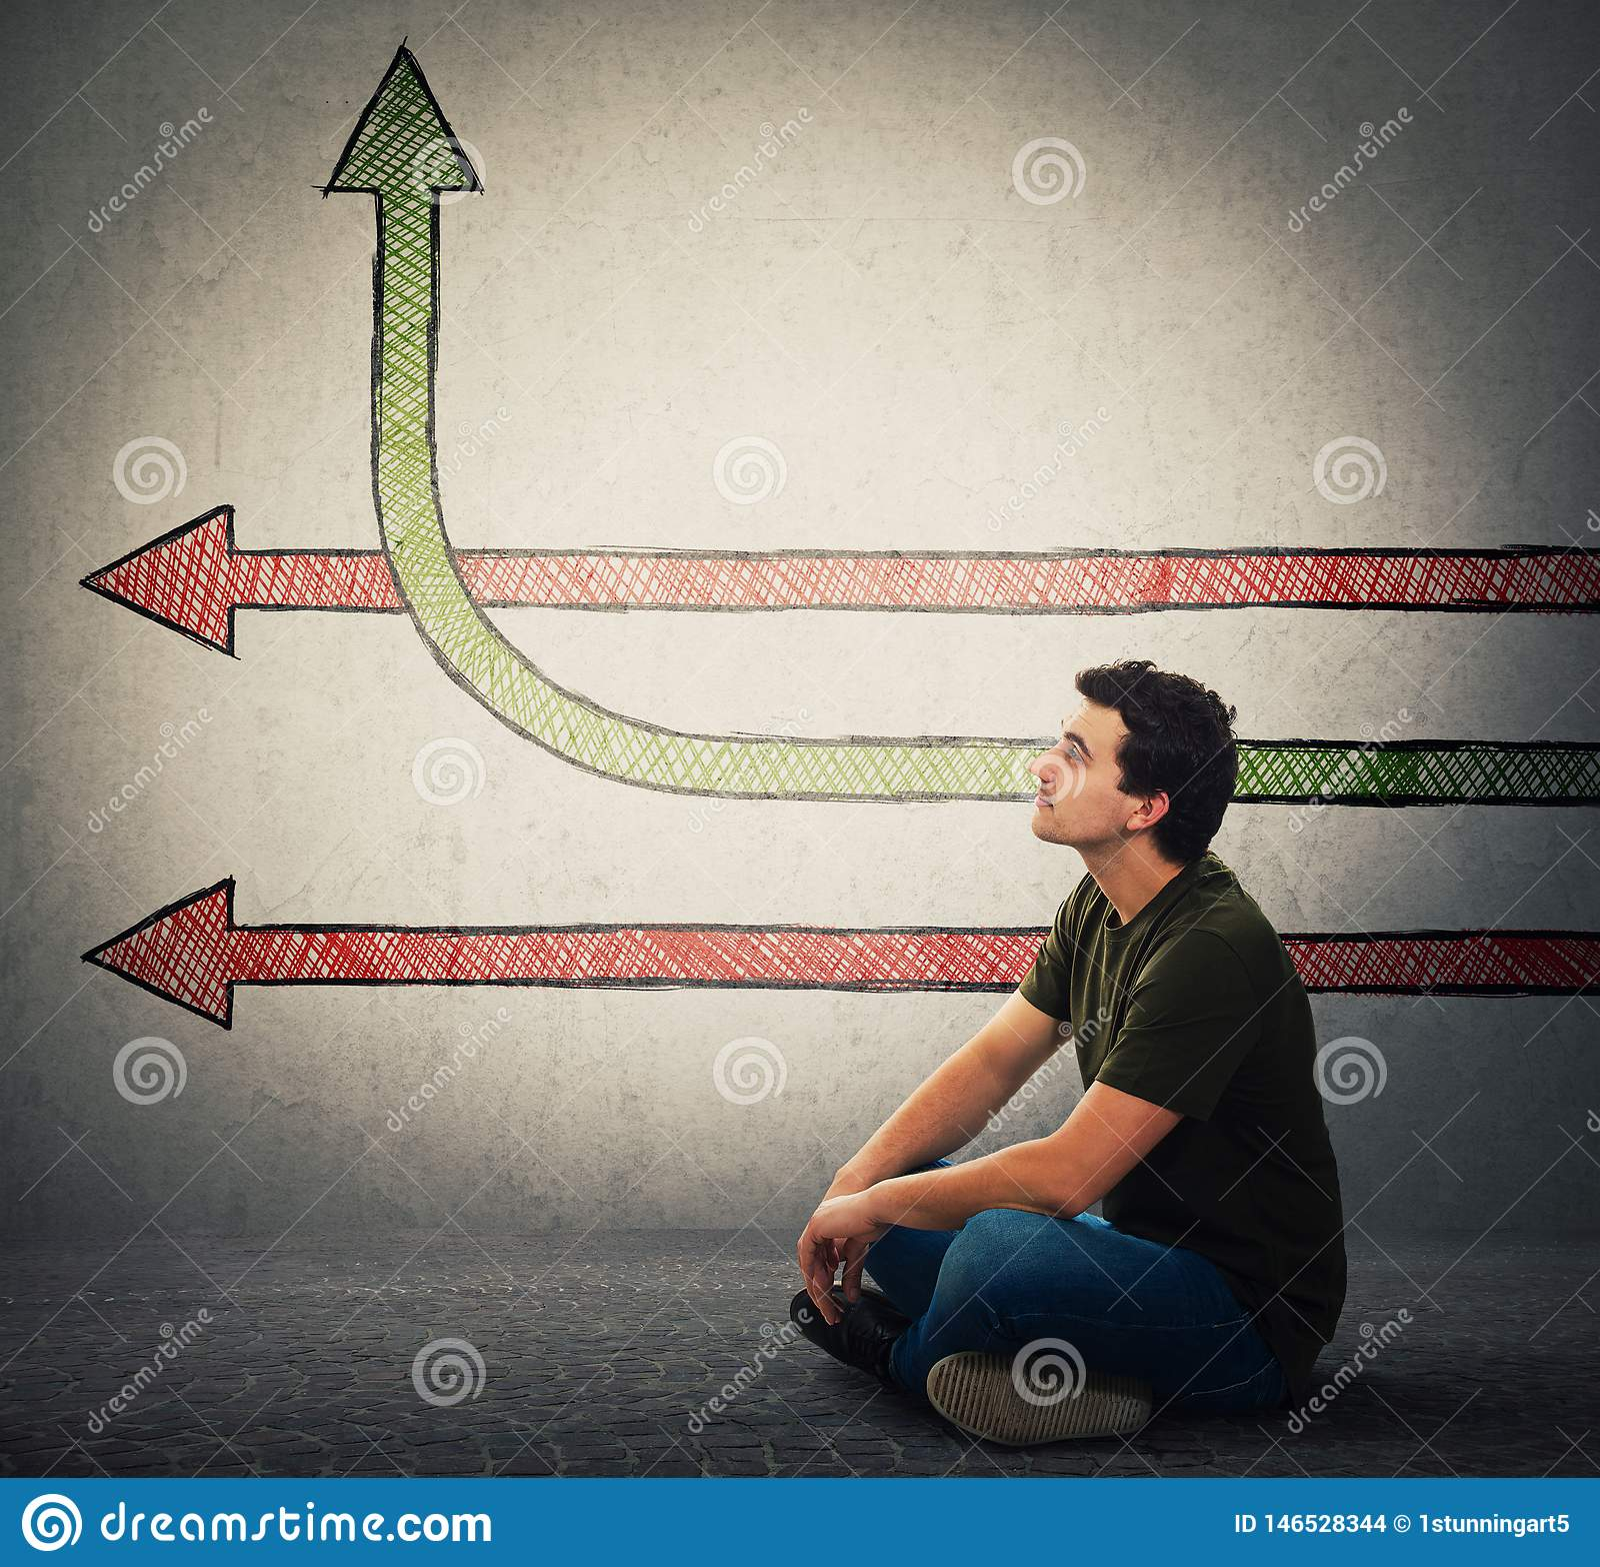 De gezette mens veronderstelt pijlen aangezien de ideeën één het veranderende richting benting uitgaan